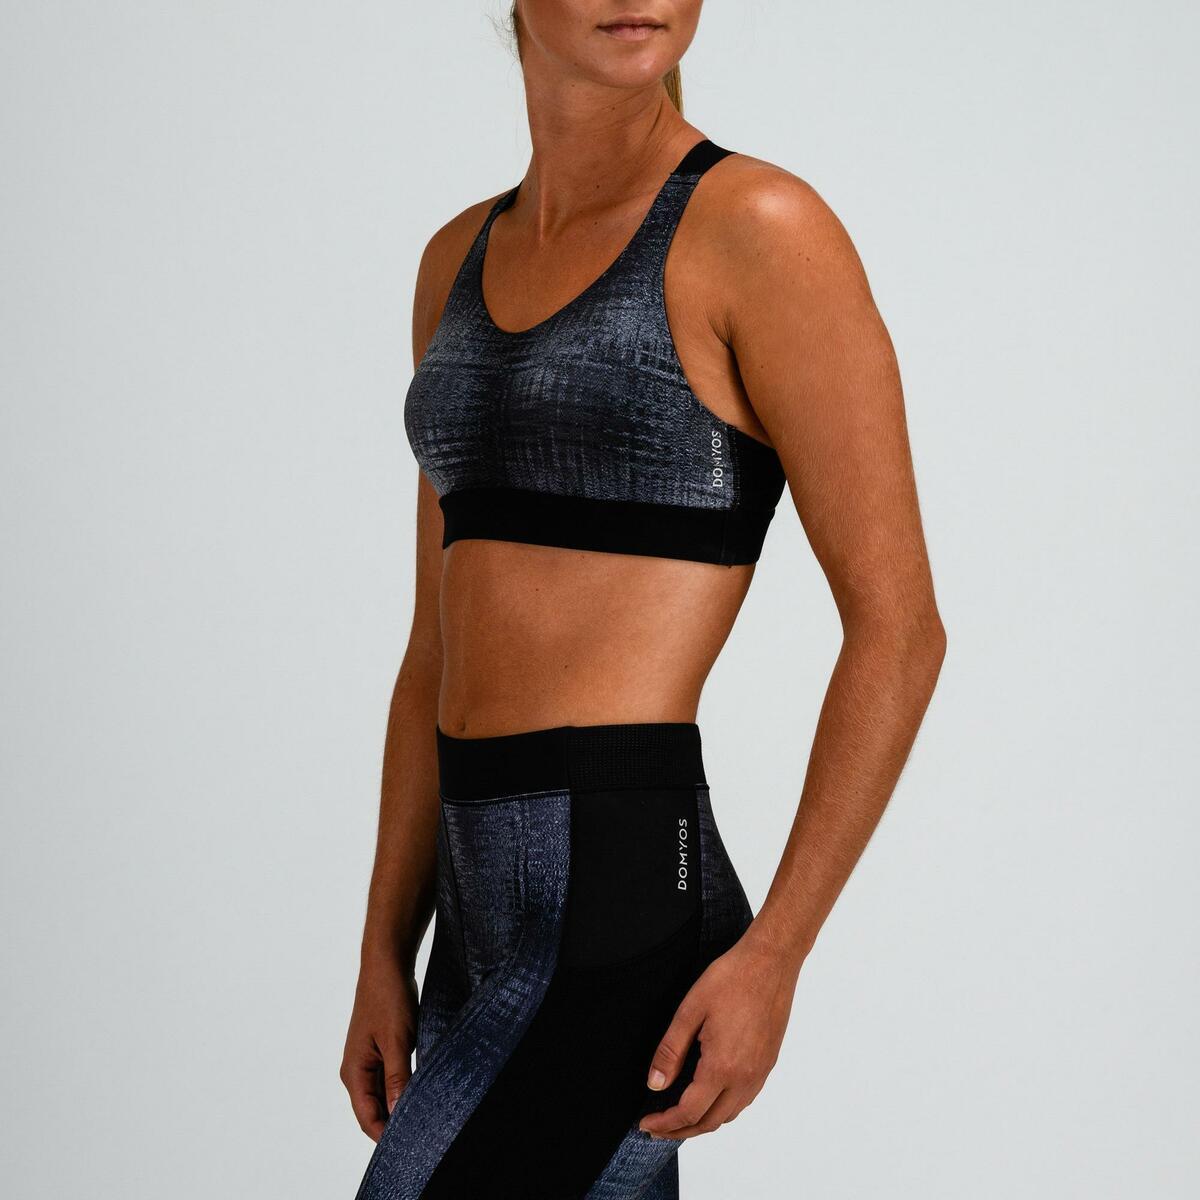 Bild 5 von Sport-Bustier 500 Fitness Cardio Damen grau mit Print